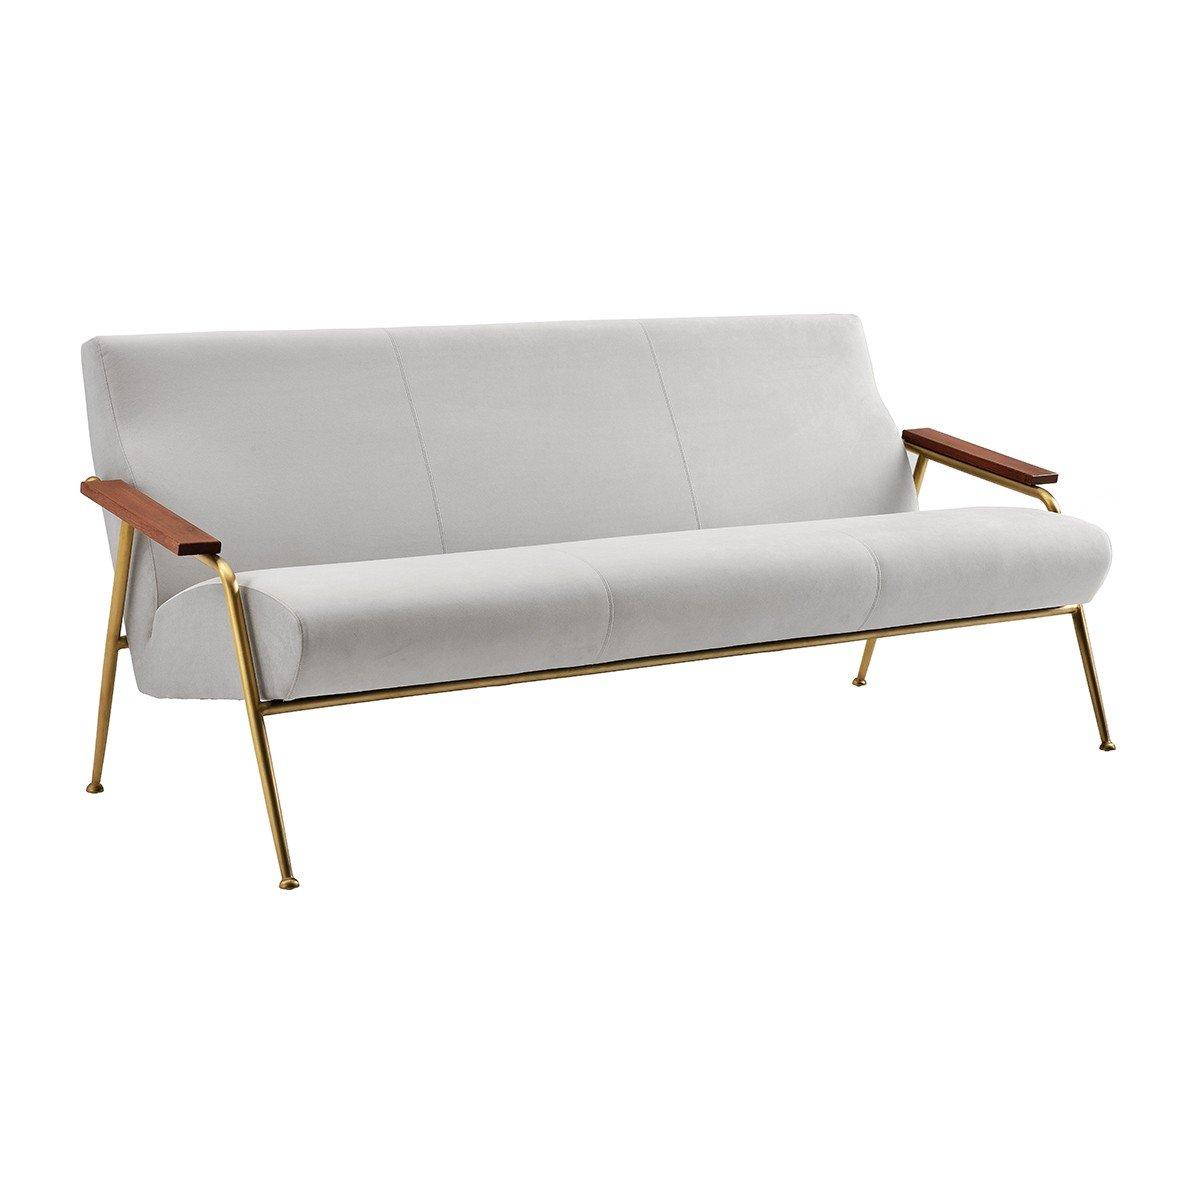 简洁大方简单直观 亮白不锈钢香槟金 London 3 Sofa 设计师家居售楼处样板房新款创意五金软包沙发